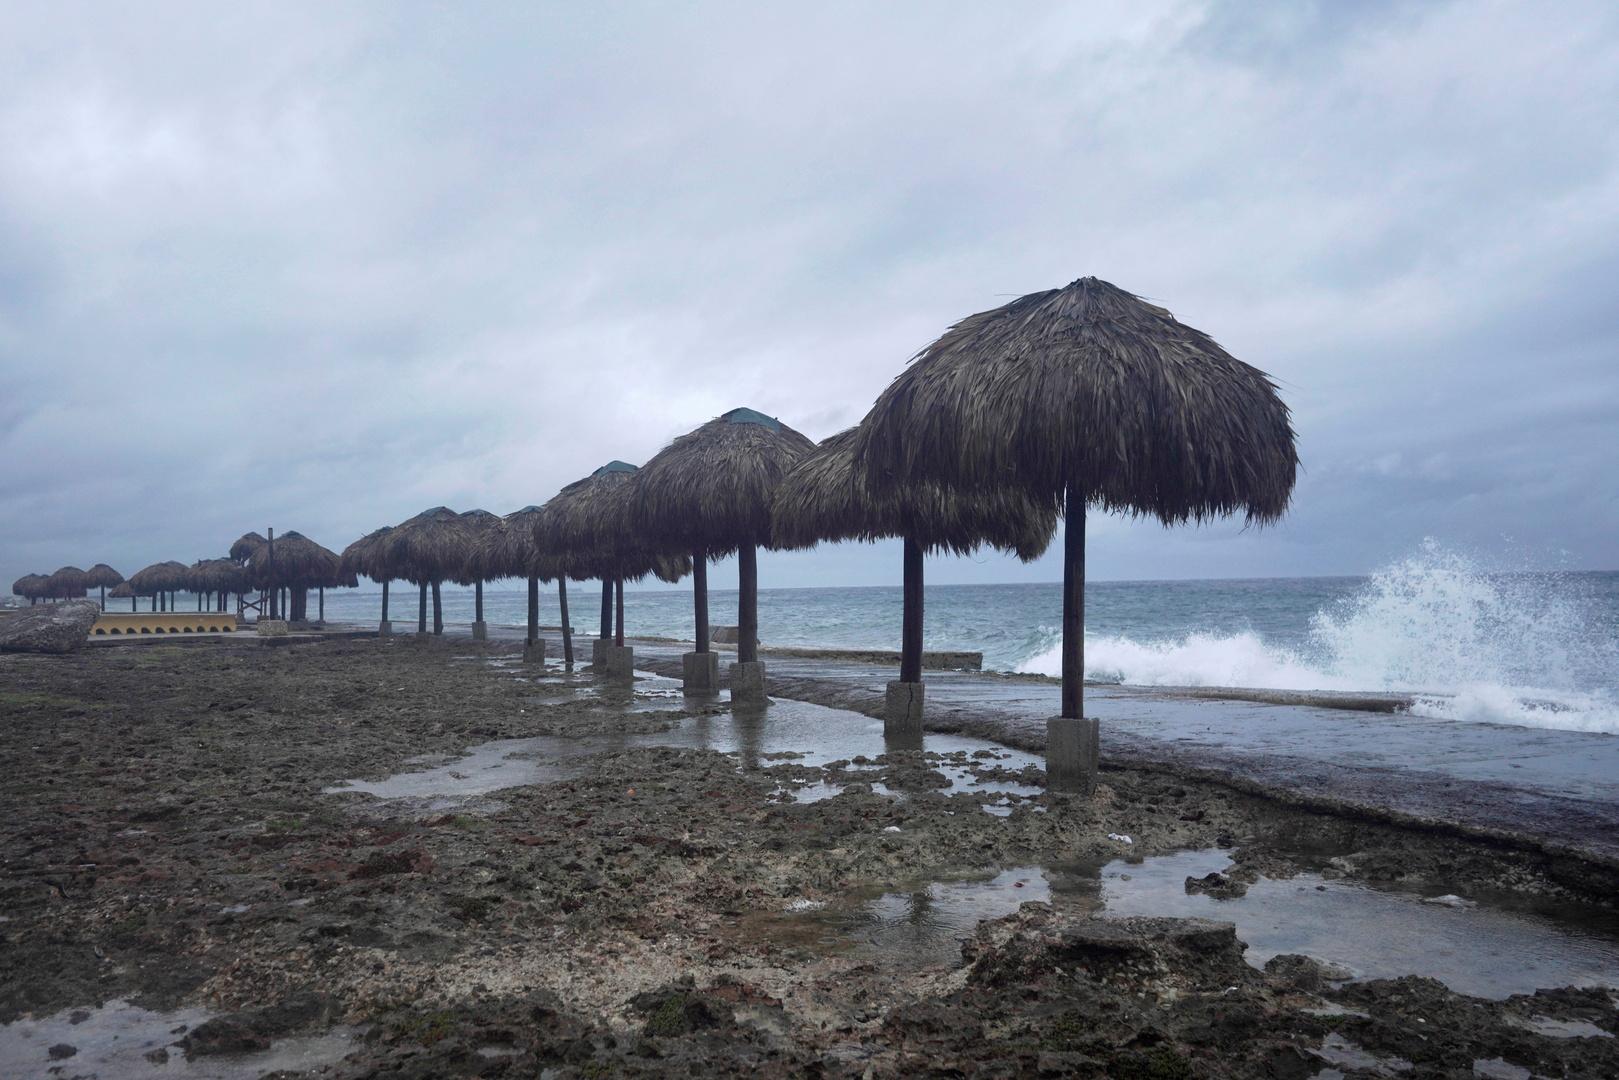 أقوى إعصار منذ 150 عاما يقترب من لويزيانا الأمريكية